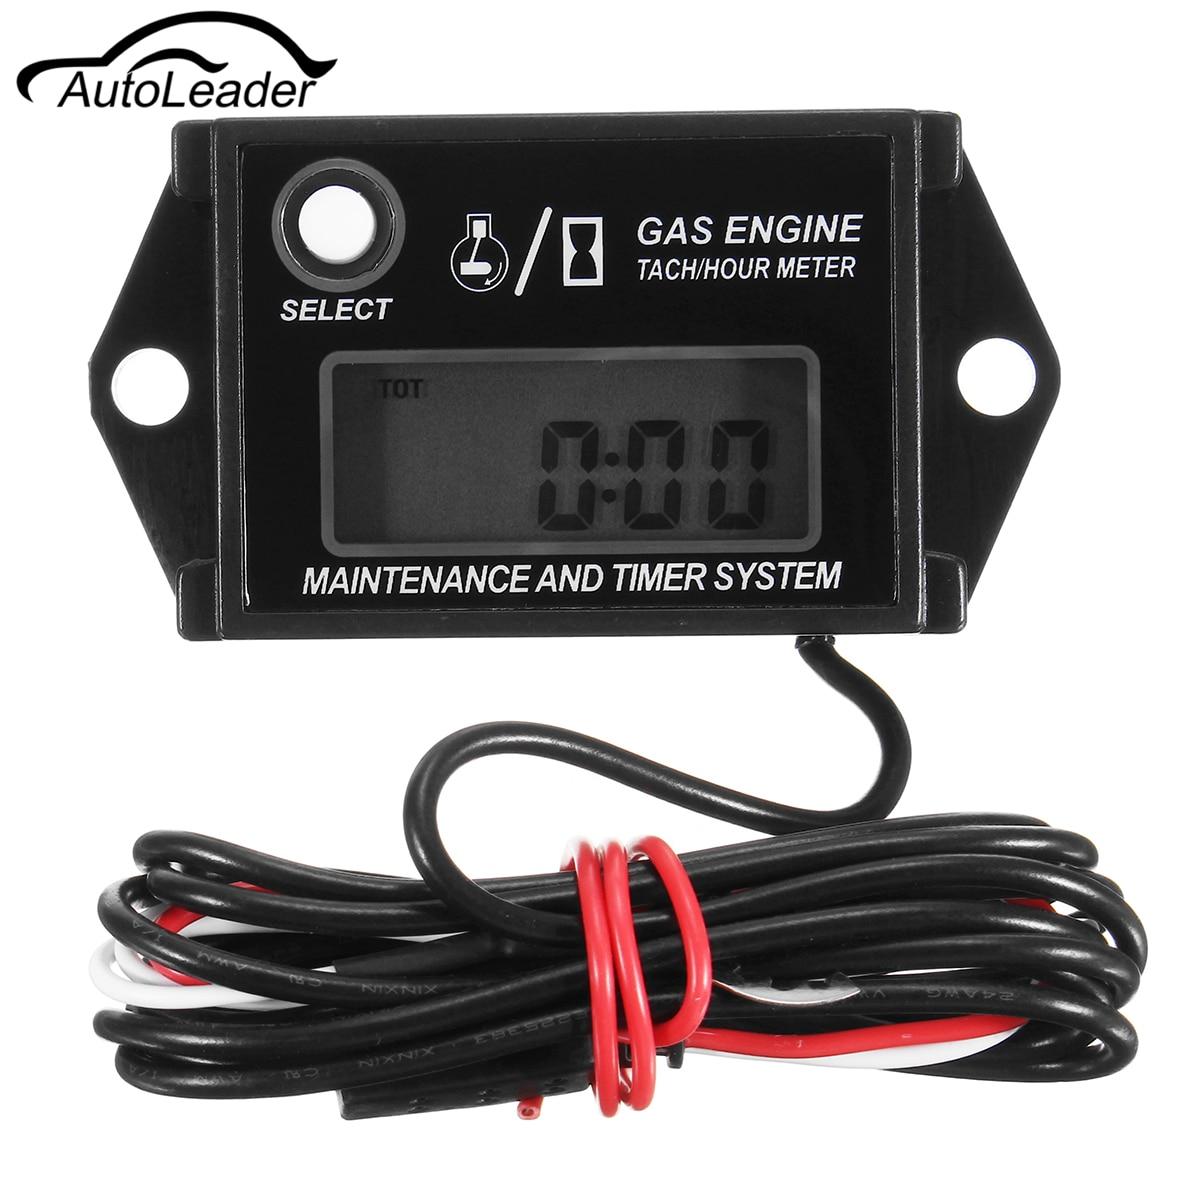 Autoleader Digital Tach Tachometer Hour Meter For Lawnmower ATV Generator Spark Plug Generator Gas Petrol Engine IP68 Waterproof